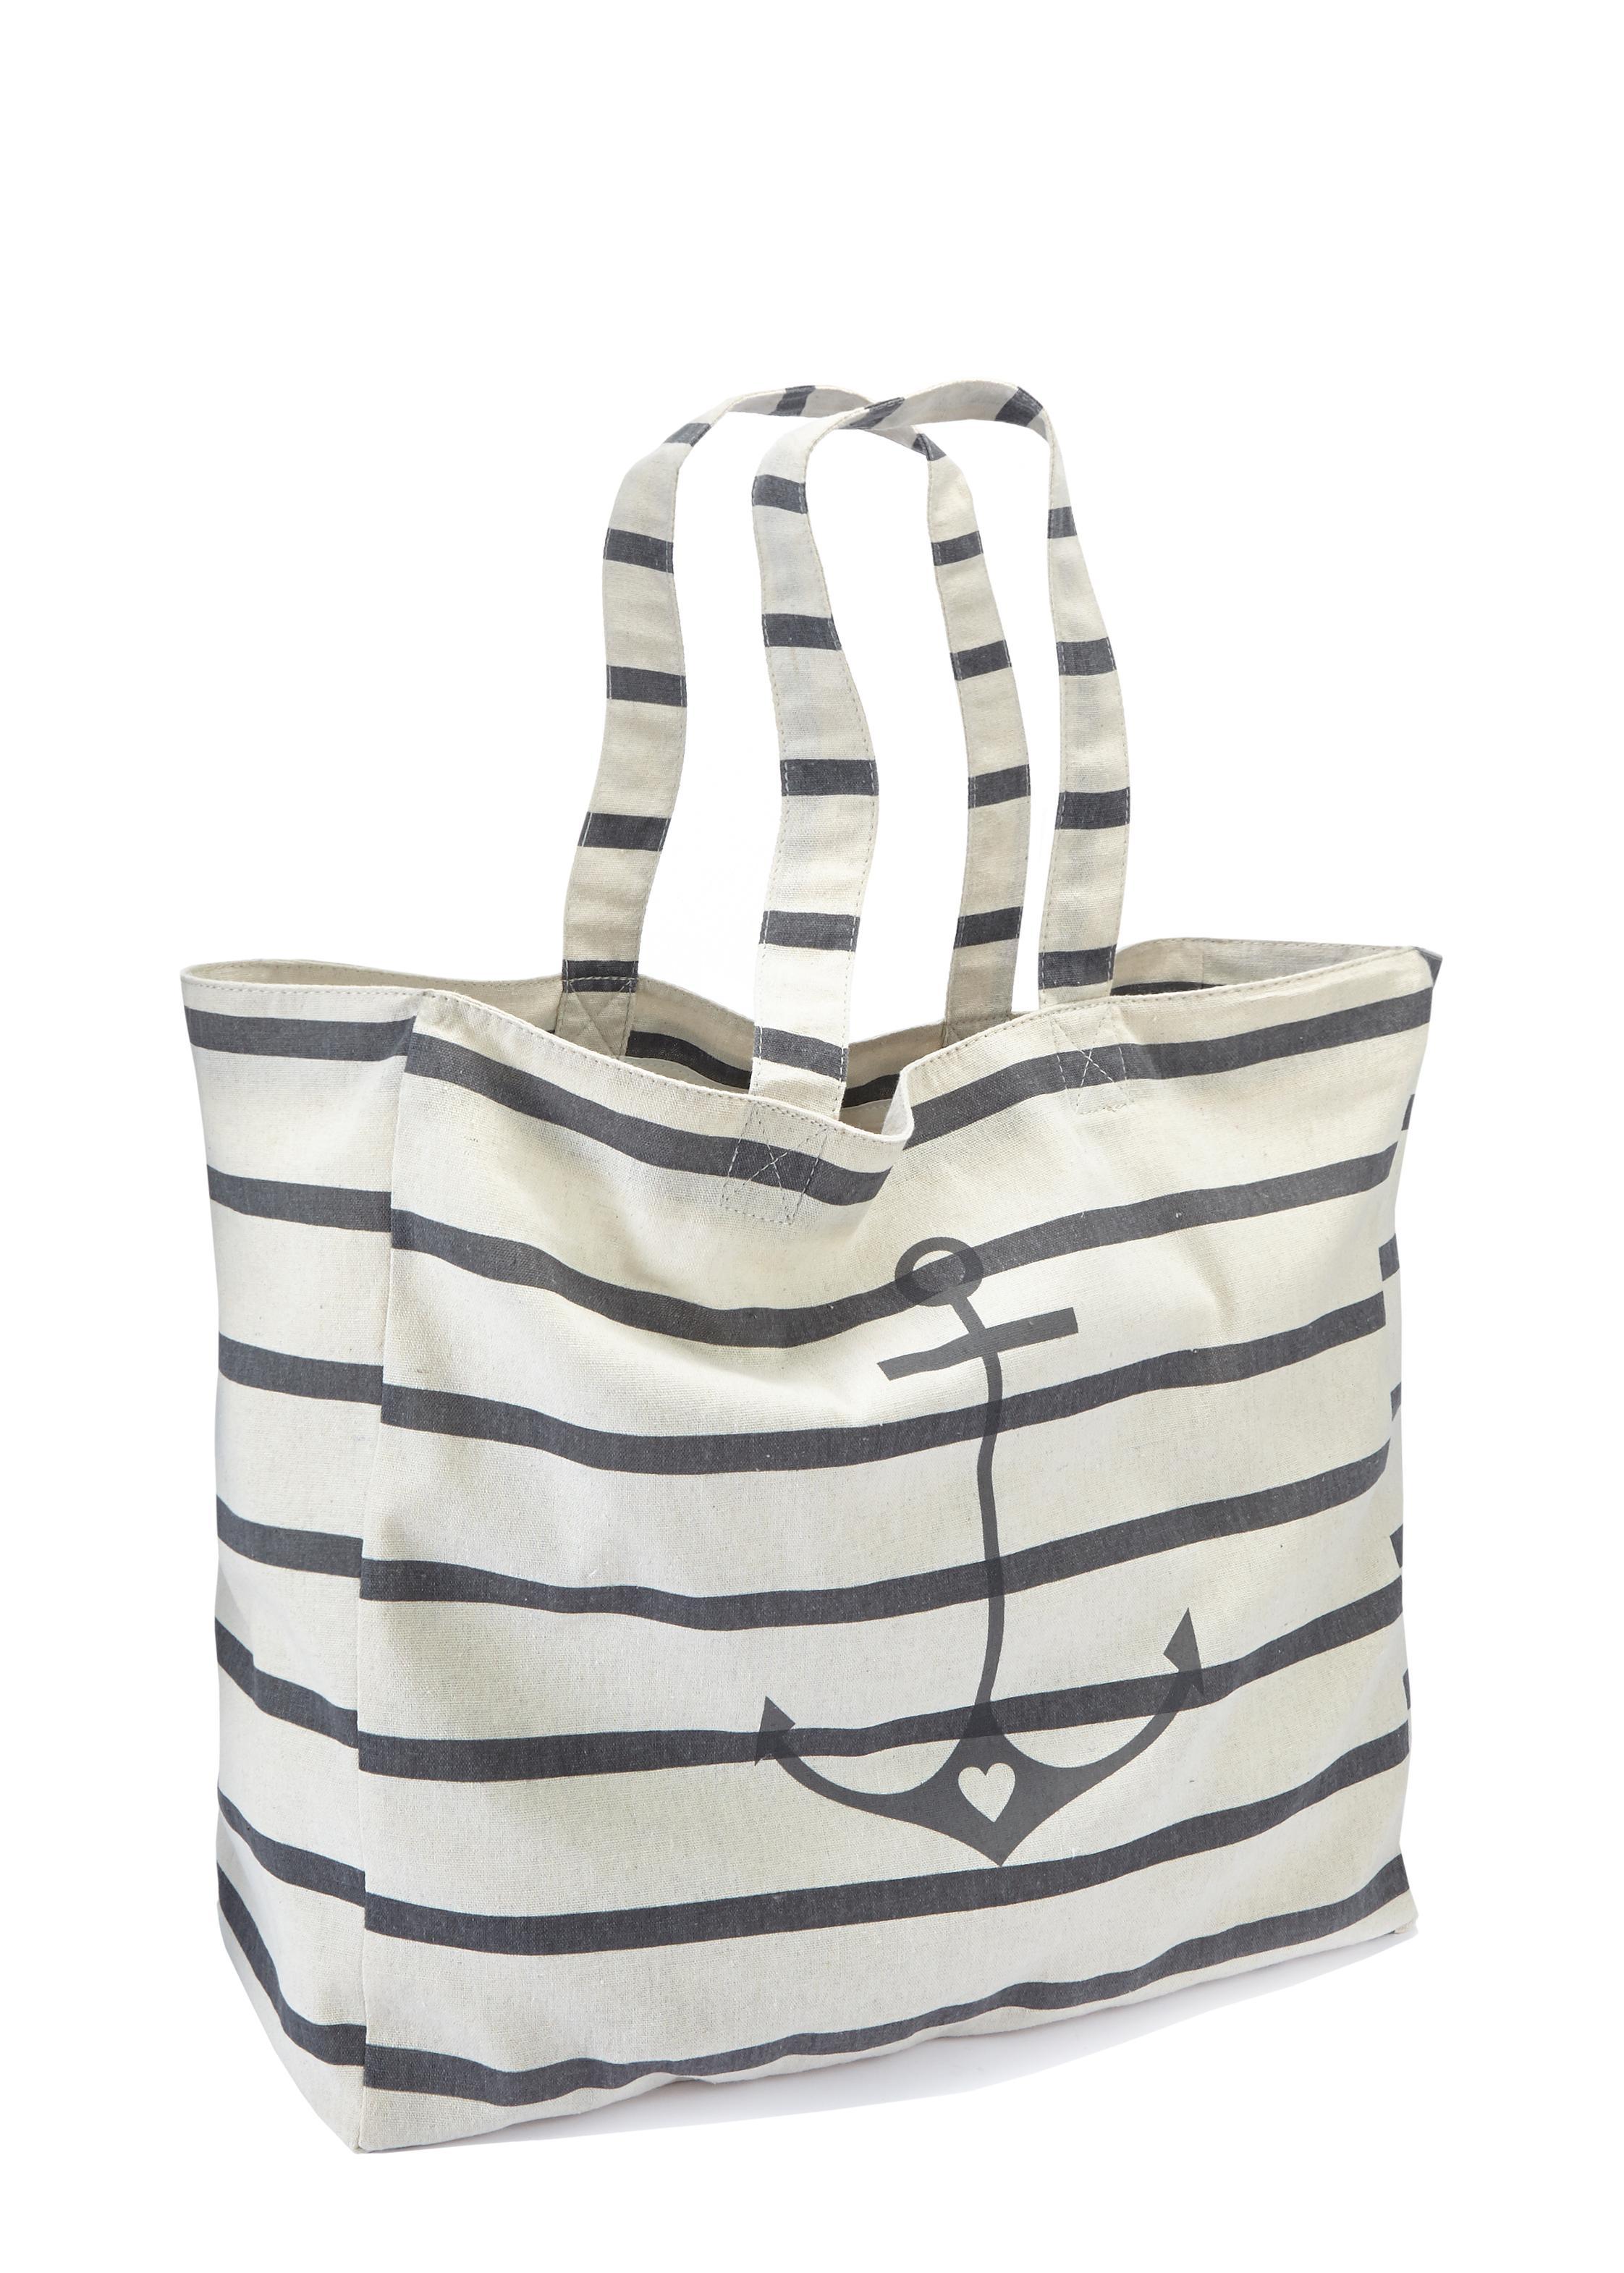 LASCANA XL-Strandtasche | Taschen > Handtaschen > Strandtaschen | Lascana